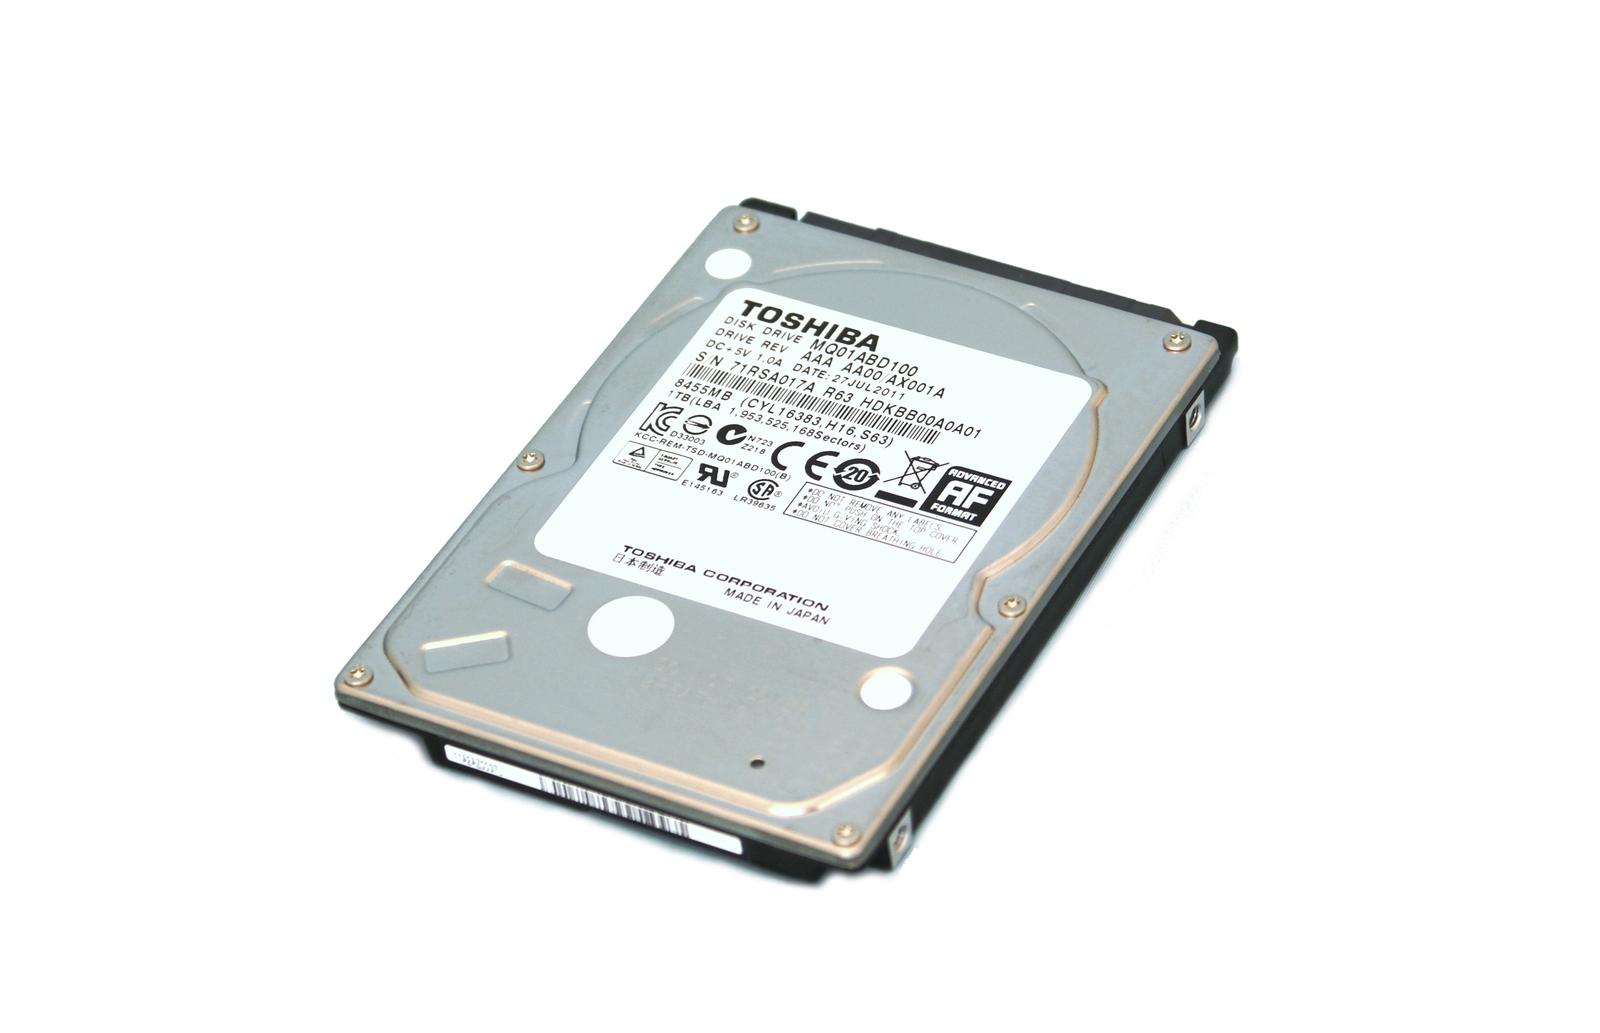 ΔΙΣΚΟΣ HDD TOSHIBA 320GB SATA 2 2.5″ REFURBISHED